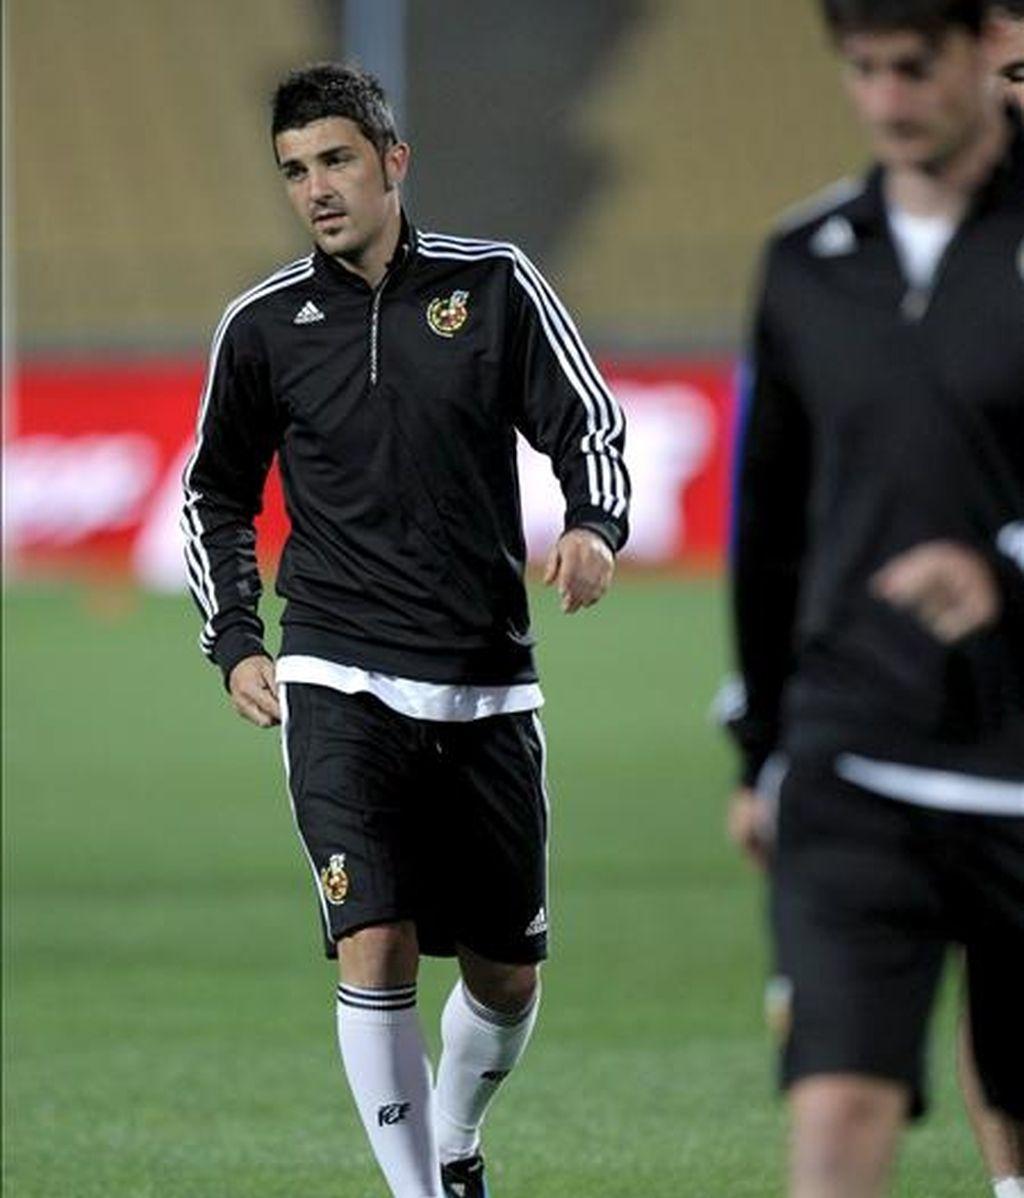 El delantero de la selección española David Villa durante el entrenamiento que el equipo ha llevado a cabo en el estadio Royal Bafokeng, en Rustenburgo (Sudáfrica), de cara al partido de la Copa Confederaciones que disputarán mañana frente a Nueva Zelanda. EFE